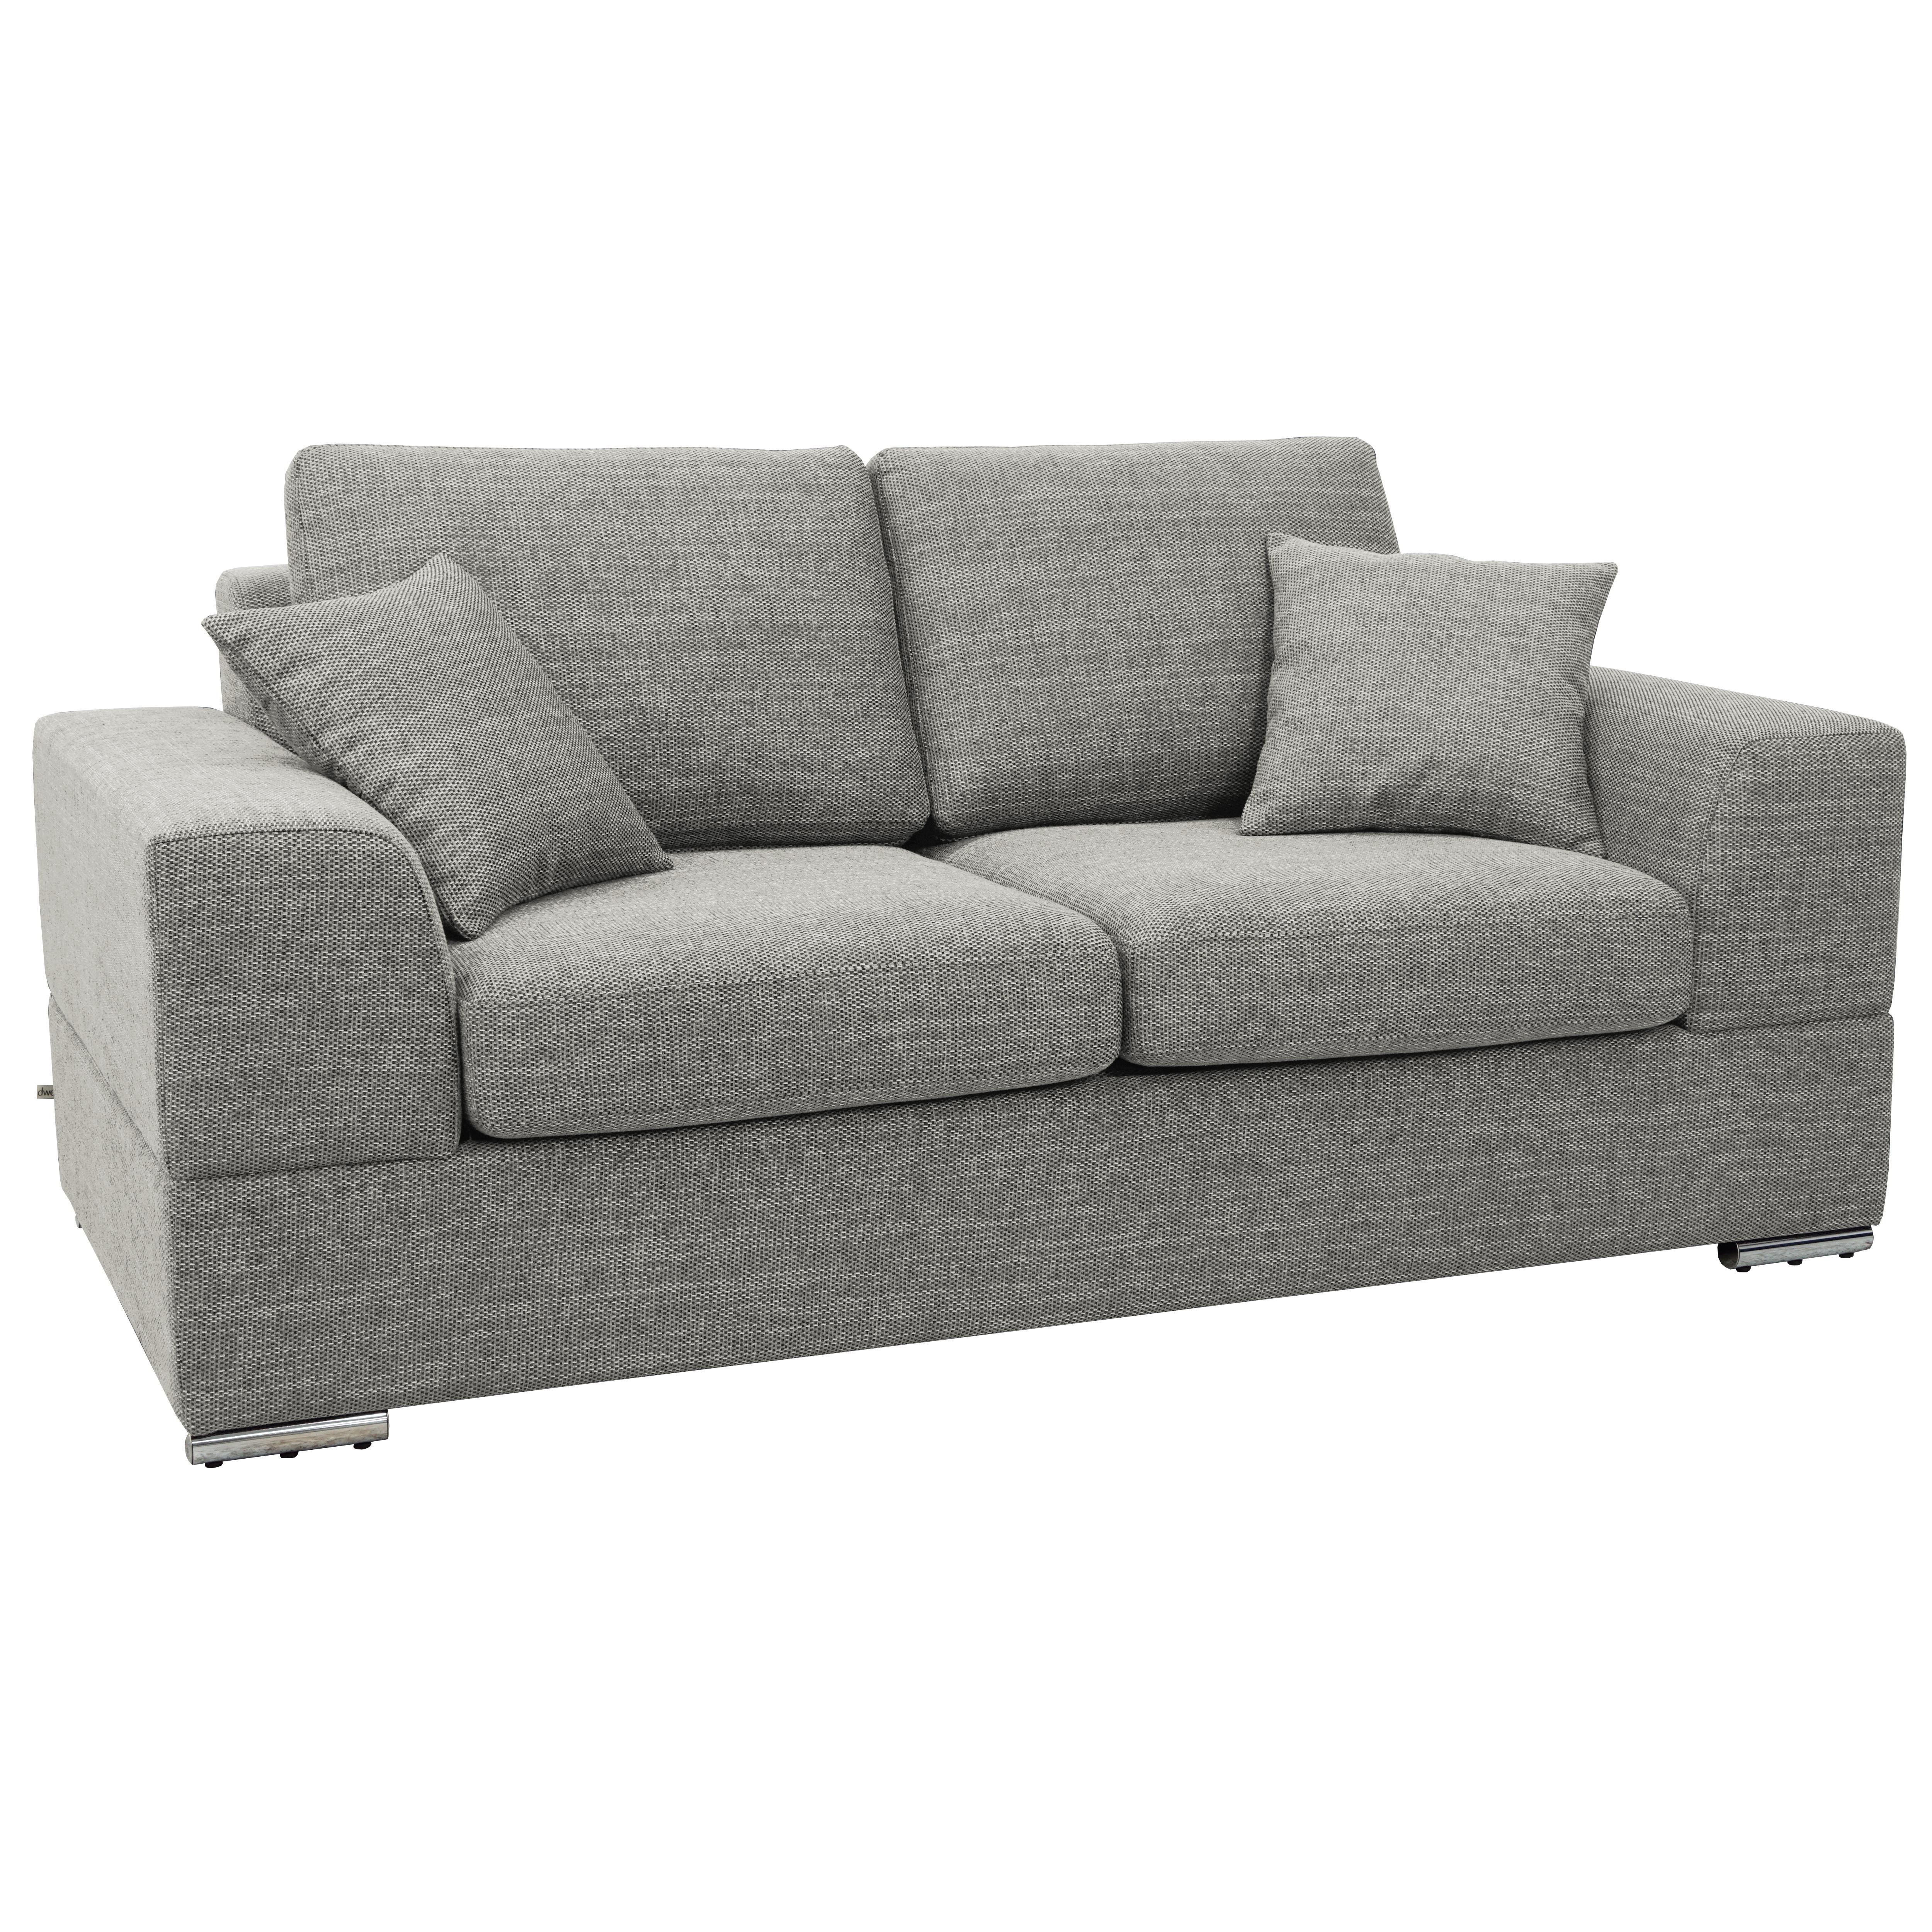 Varenna two seater sofa callida grey